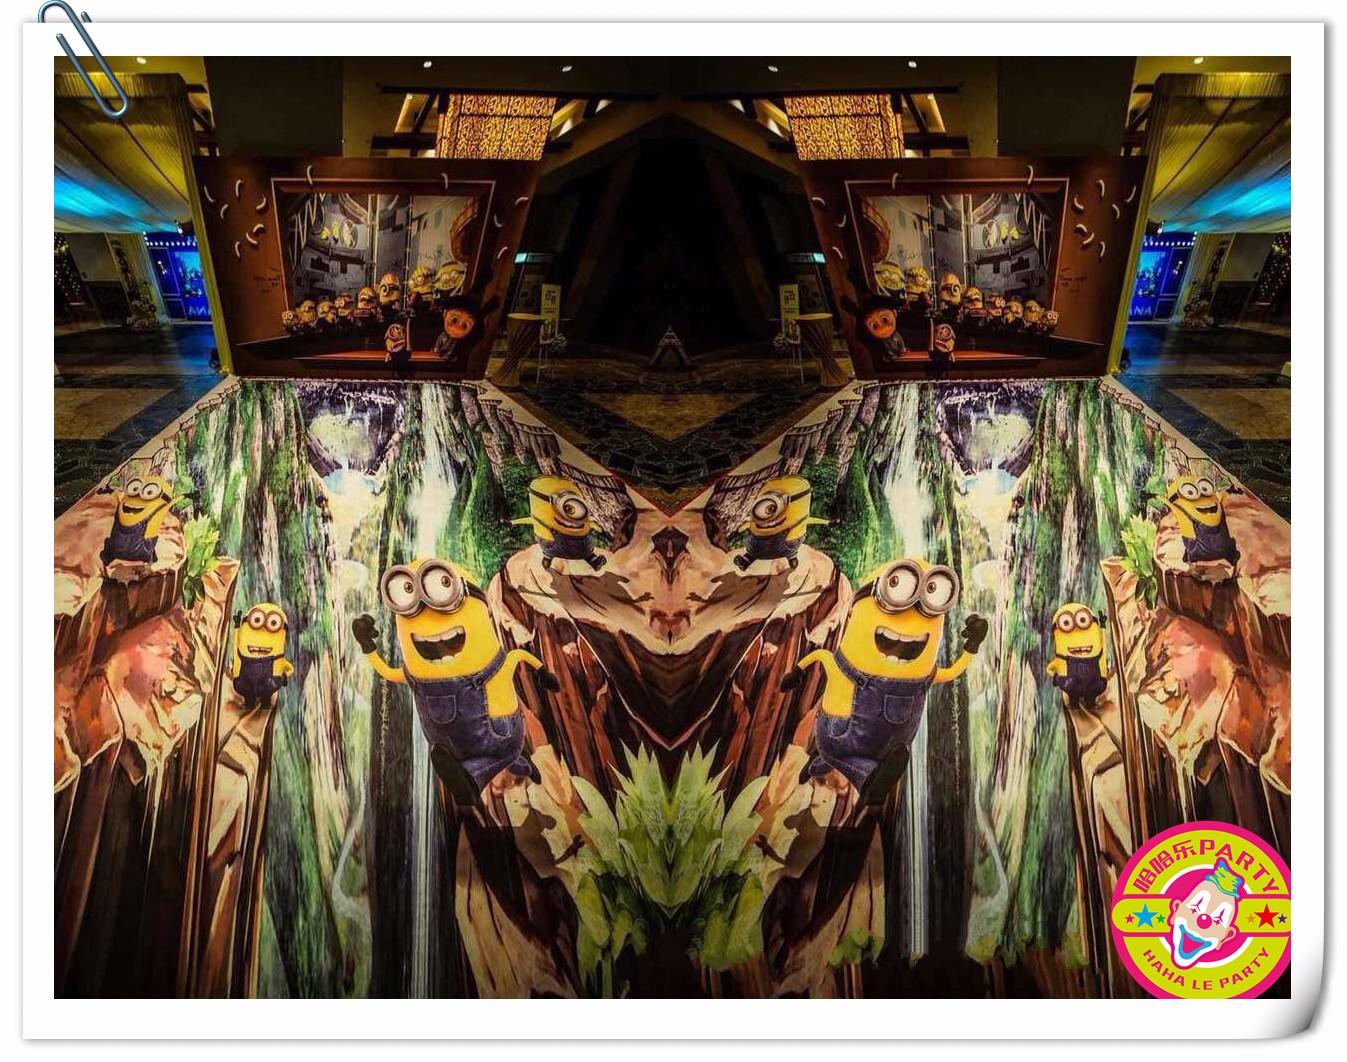 百日宴超级奶爸小黄人主题|百日宴周岁-优发娱乐_优发国际娱乐_优发娱乐登录1